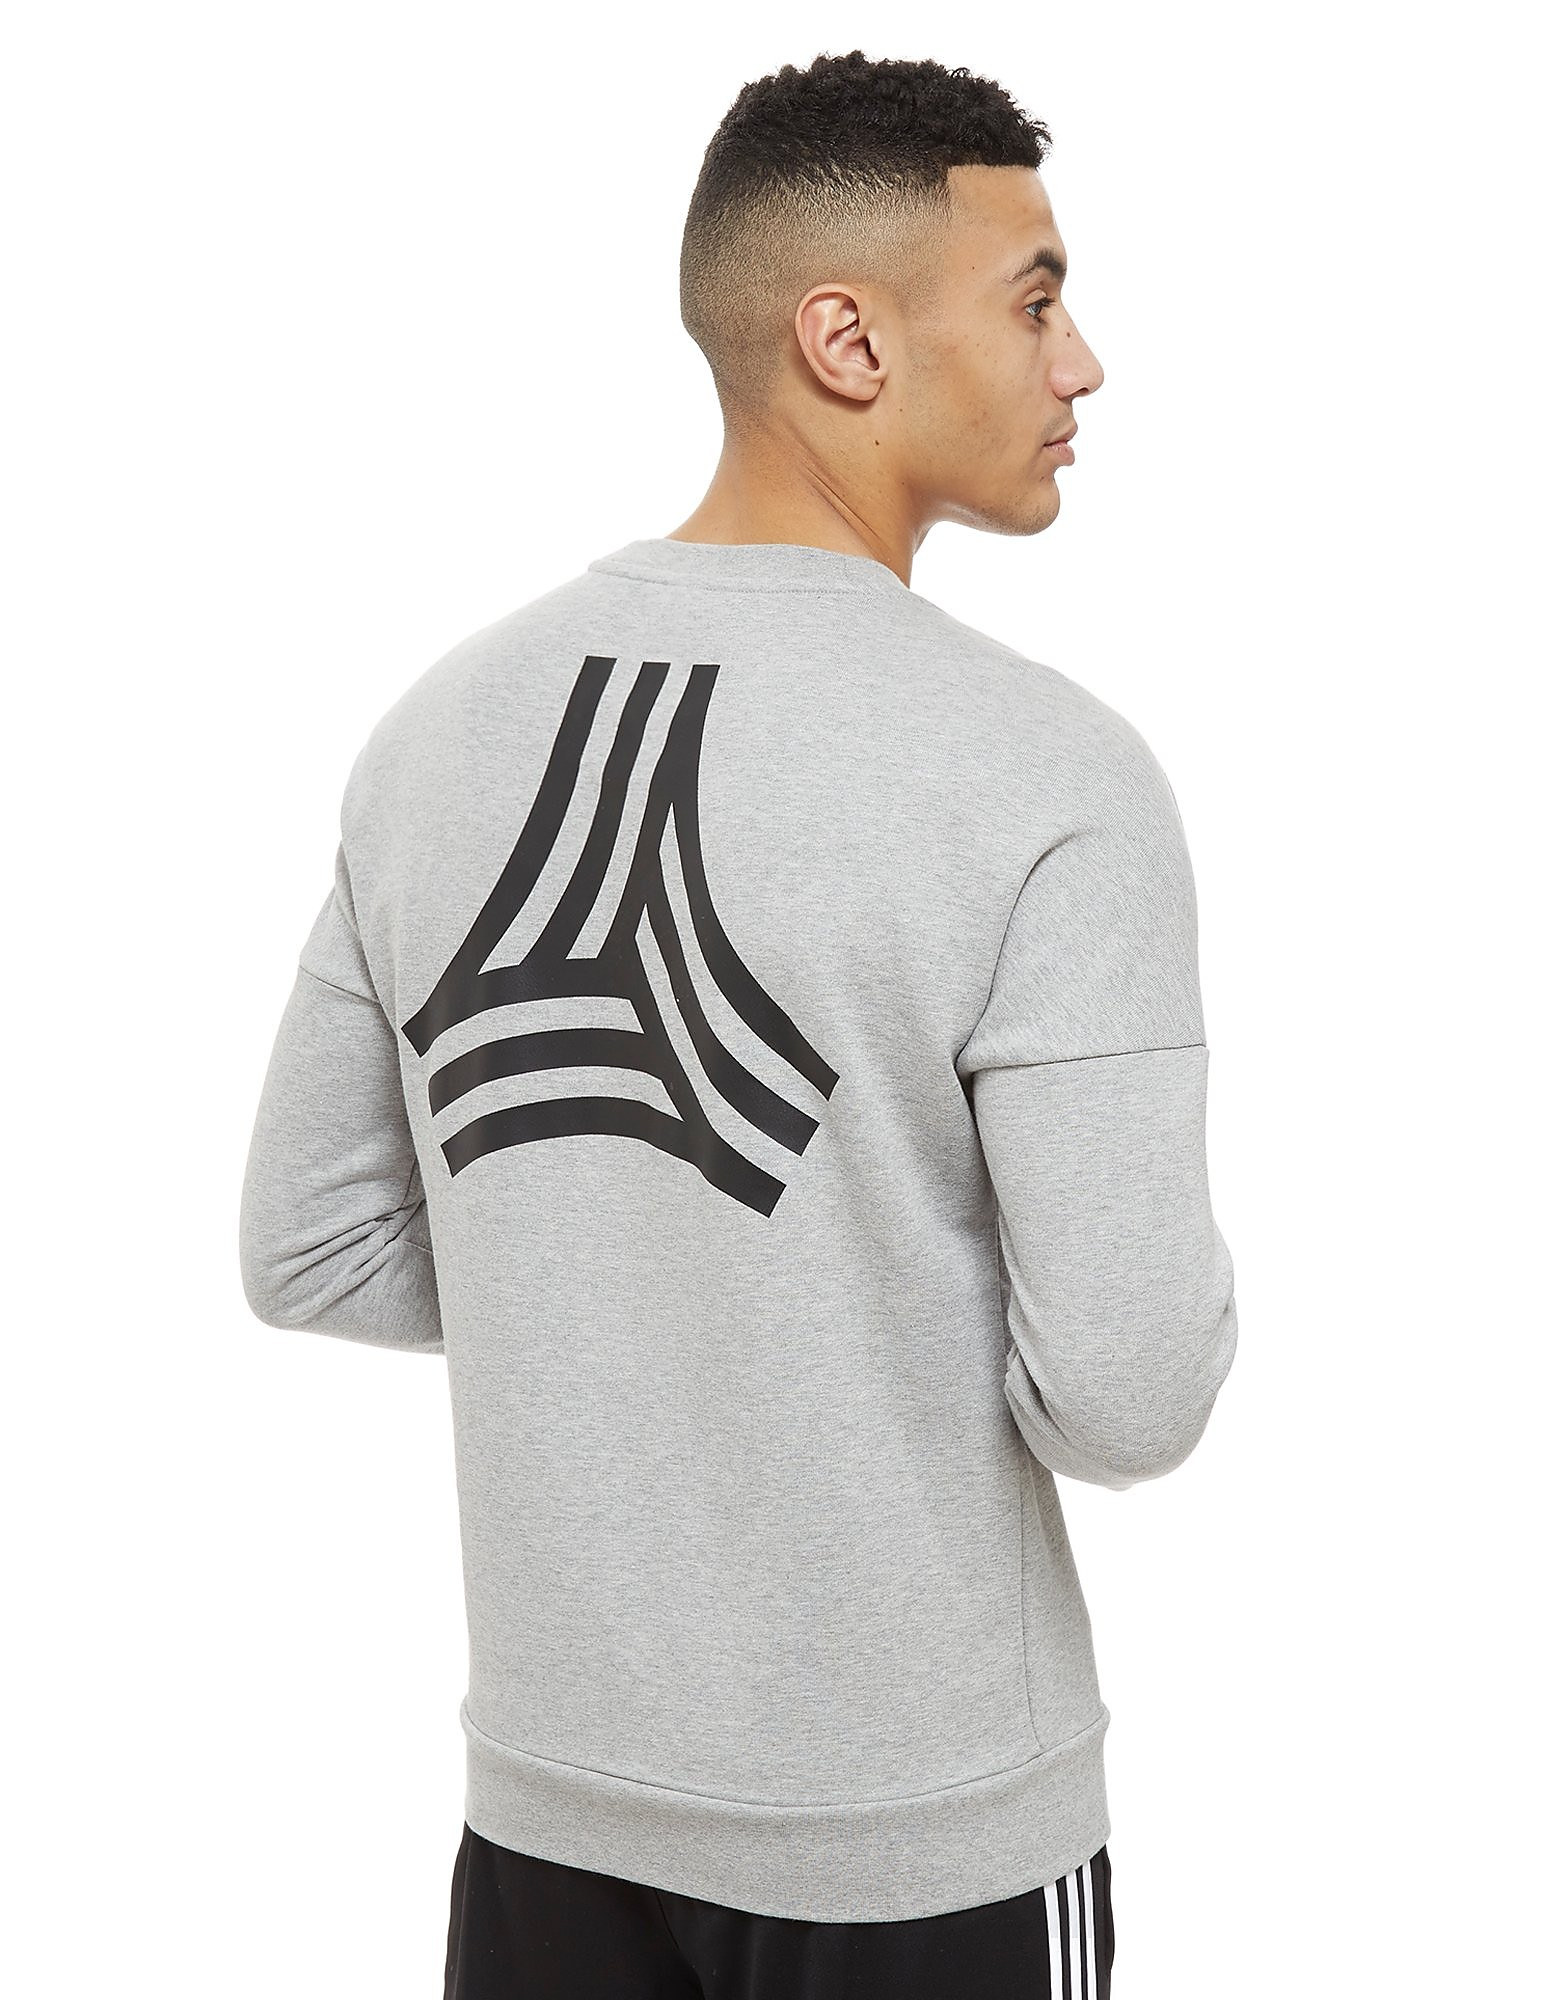 adidas Tango Crew Sweatshirt